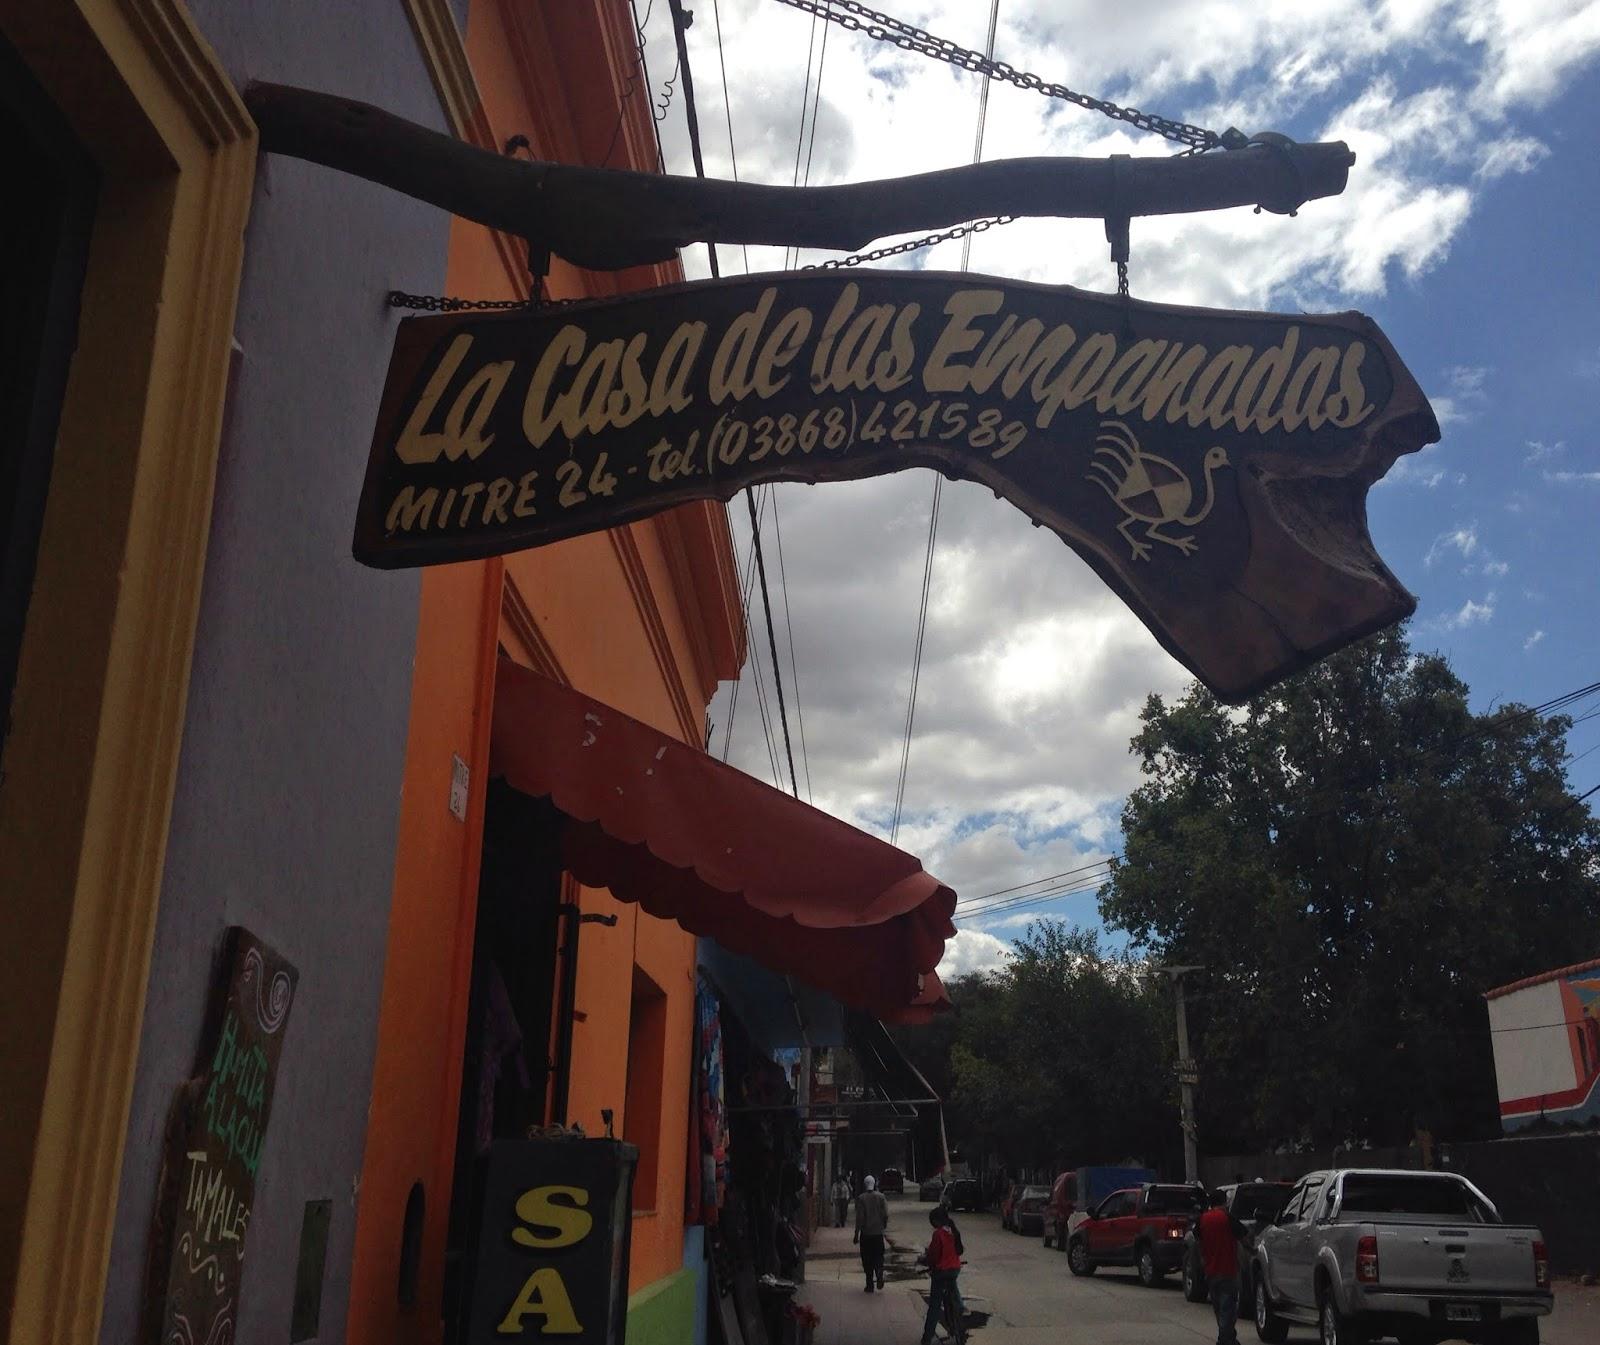 casa de empanadas cafayate argentina